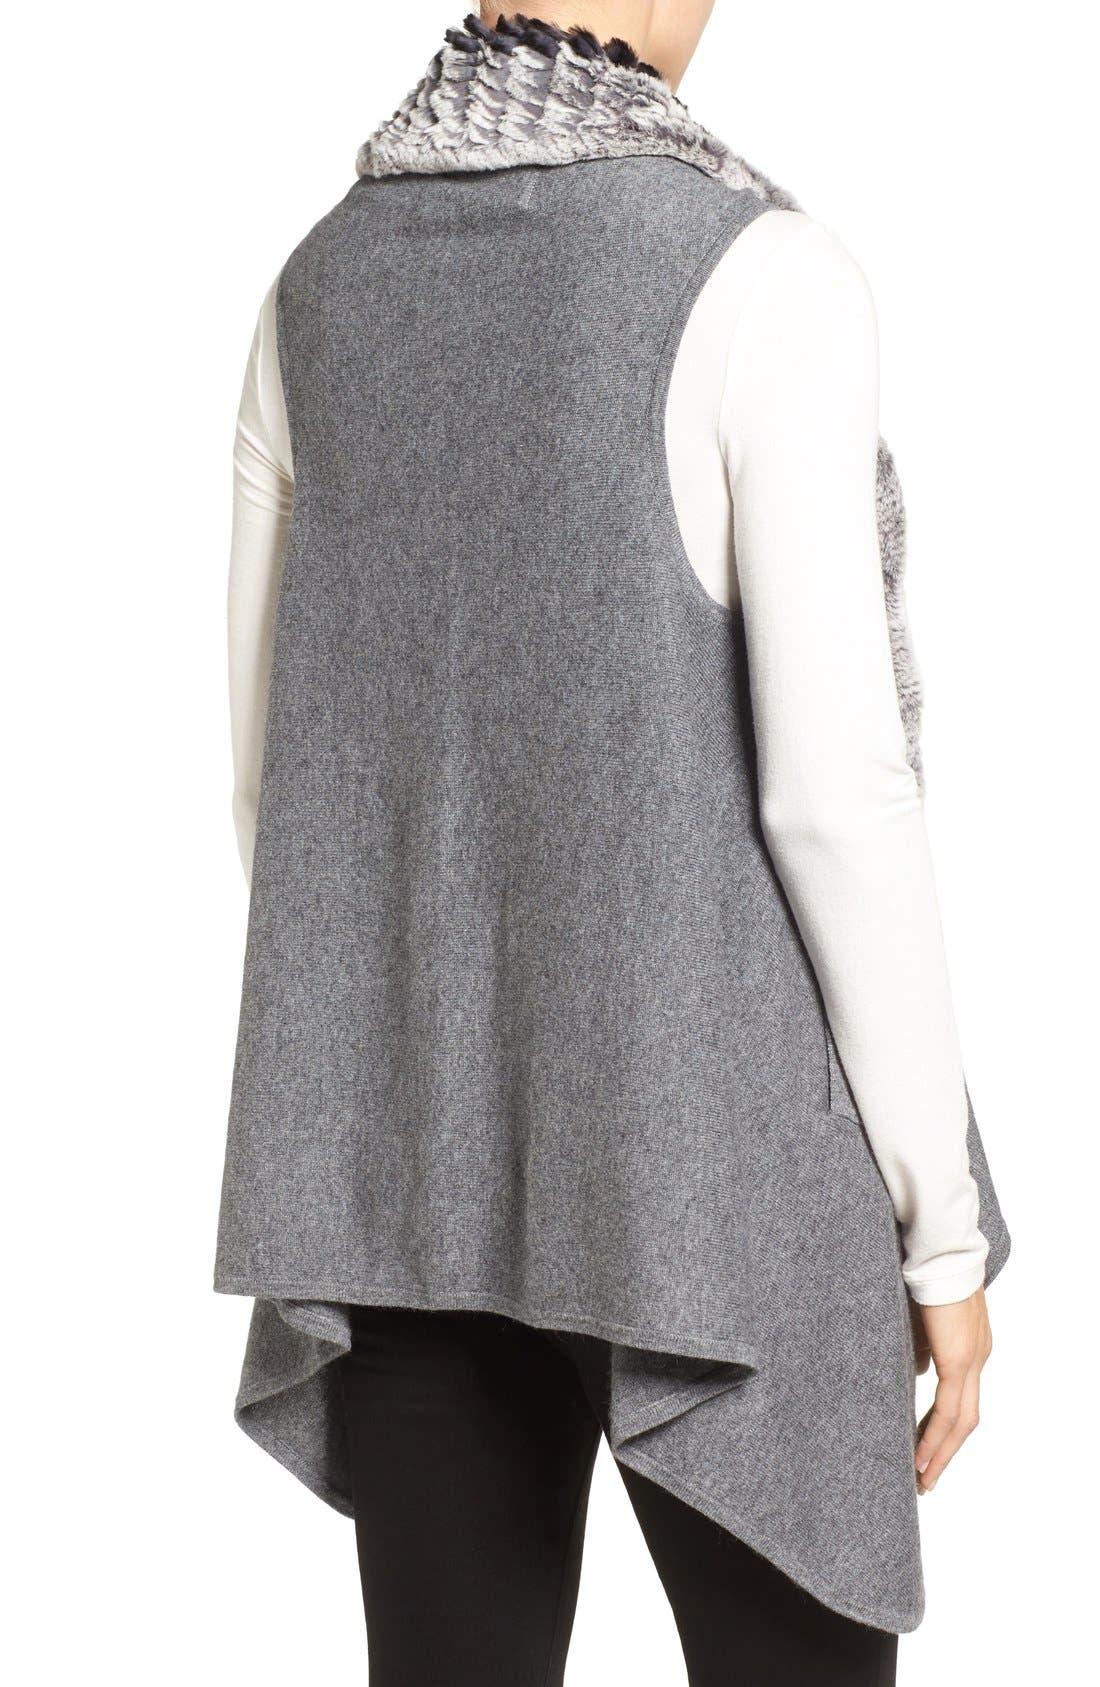 Cashmere Drape Vest with Genuine Rex Rabbit Fur Trim,                             Alternate thumbnail 2, color,                             Grey